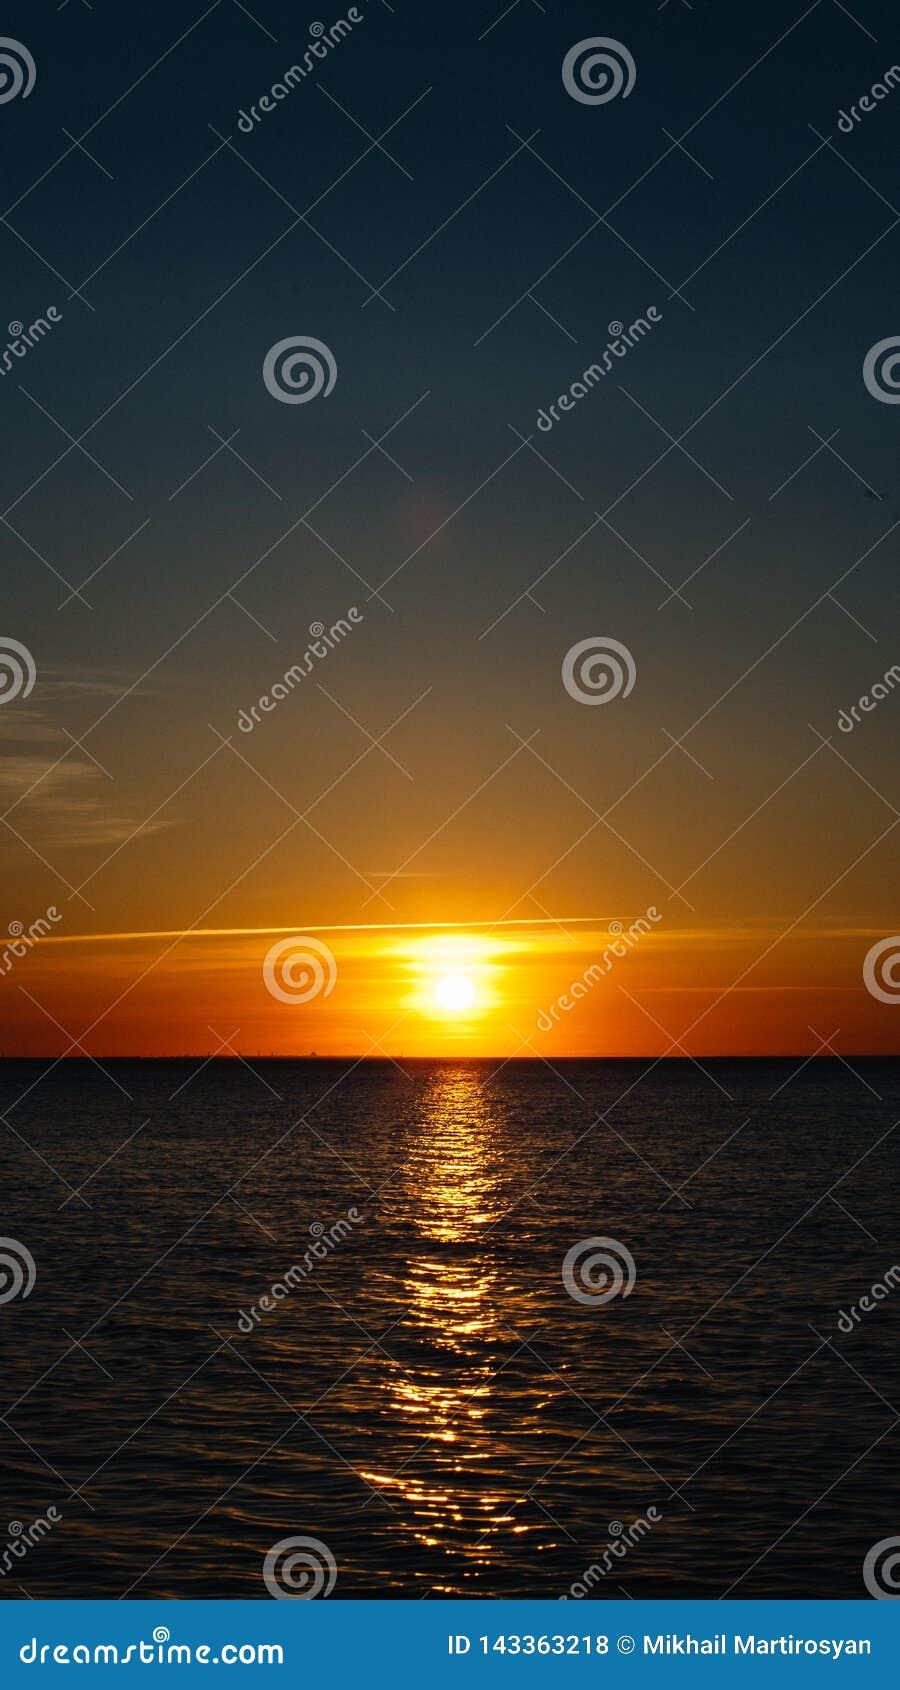 Ηλιοβασίλεμα ή αυγή εν πλω Ακτή Μαύρης Θάλασσας Κινητό Screensaver, κάθετο σχεδιάγραμμα, ταπετσαρία φύσης Όμορφα χρώματα, θαλάσσι